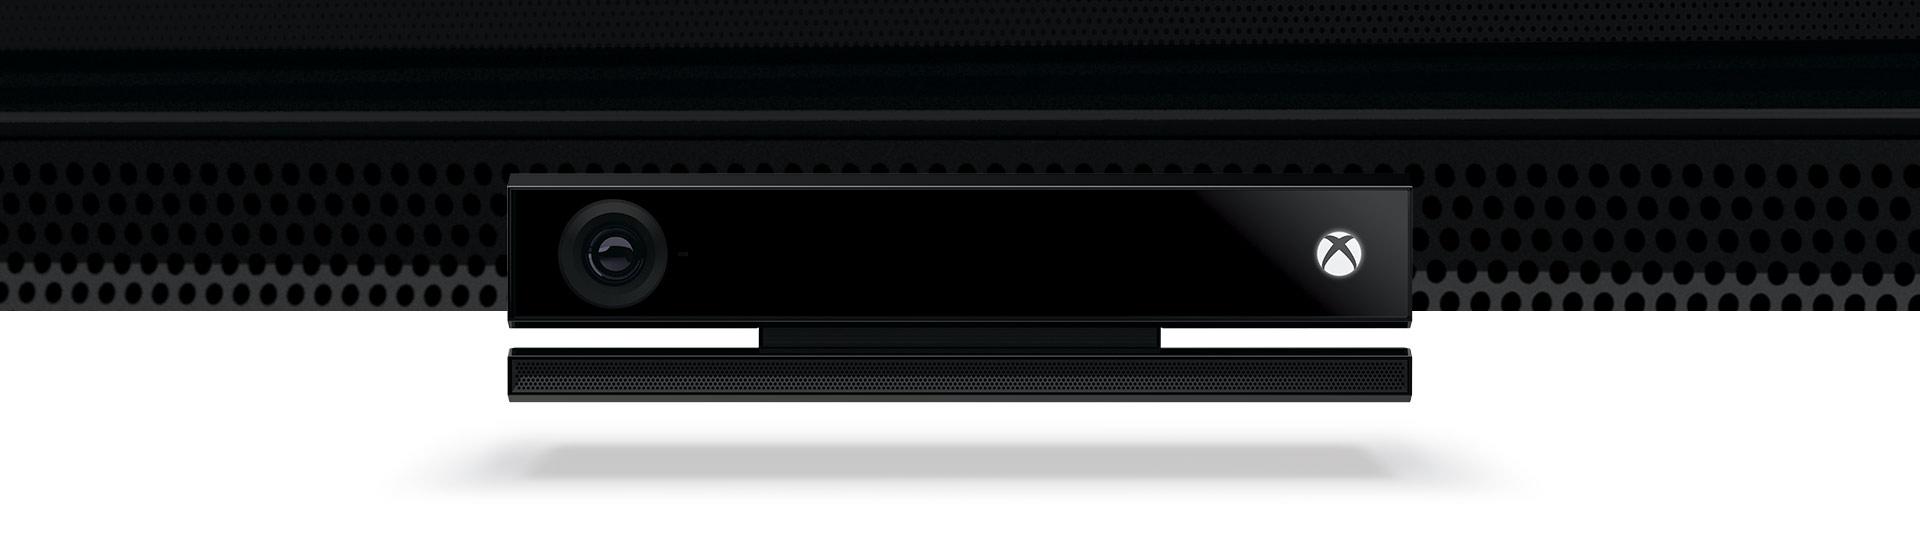 Capteur Kinect pour Xbox